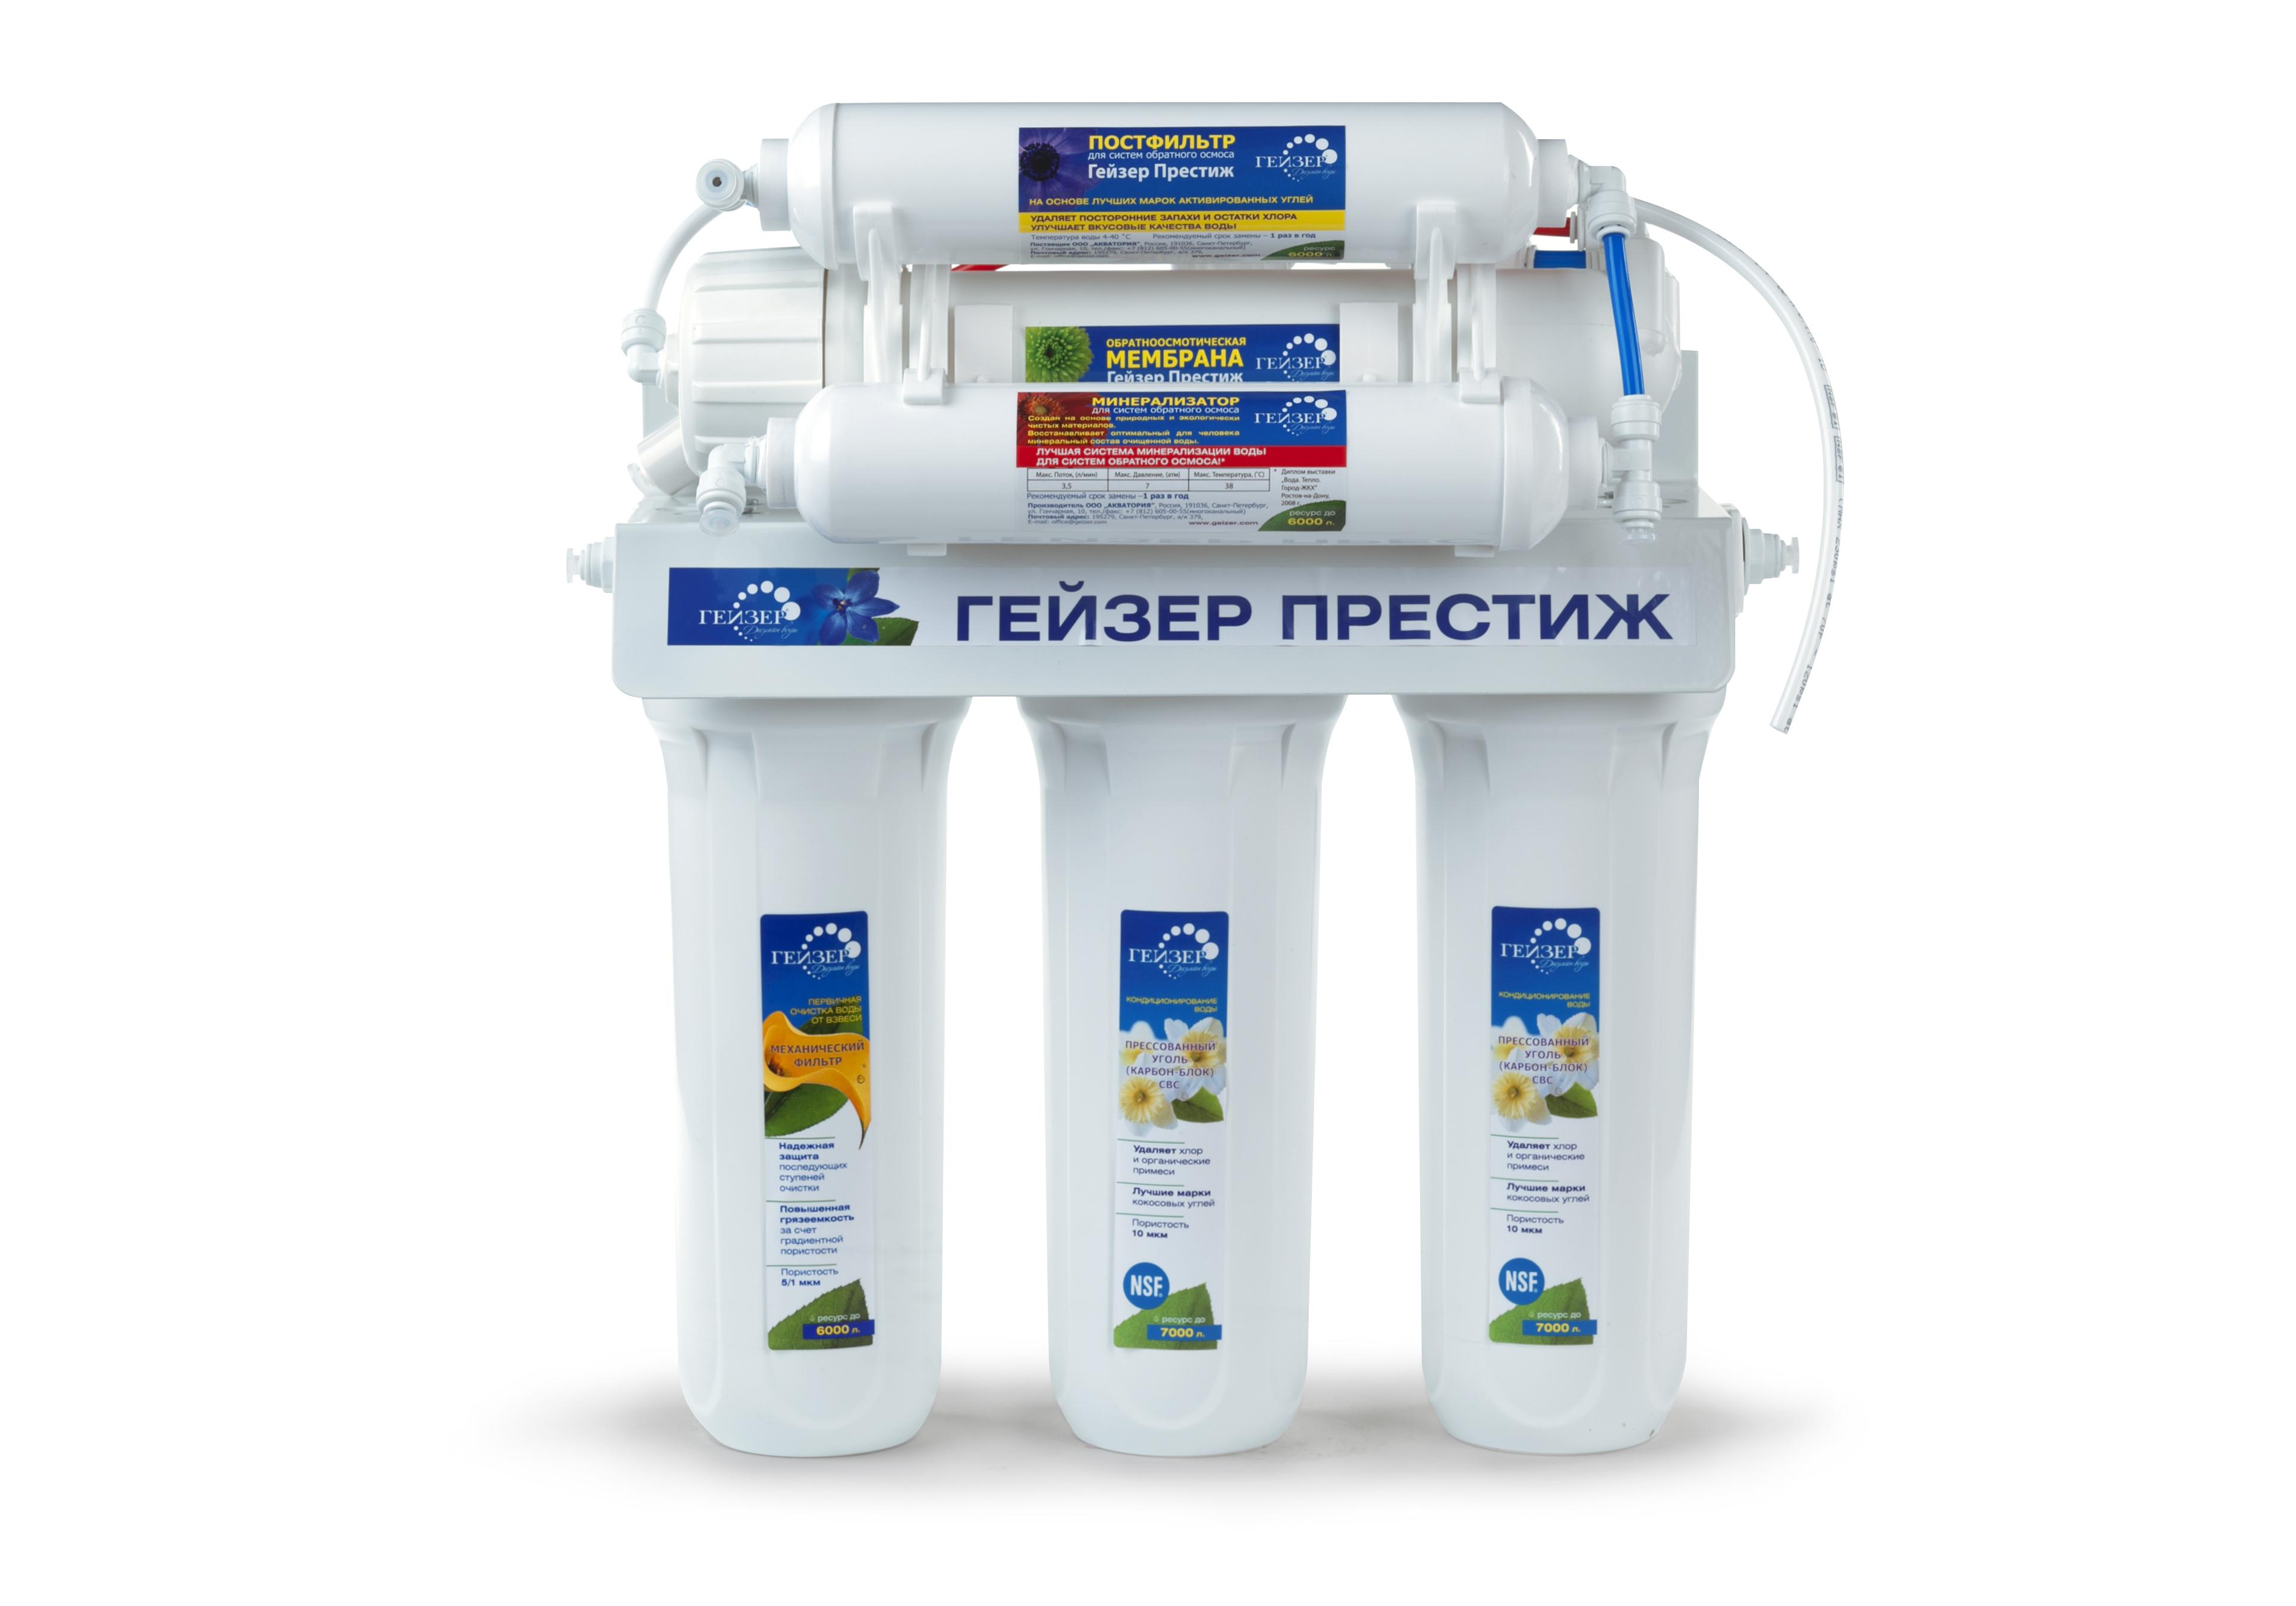 Фильтр для очистки воды ГЕЙЗЕР Престиж-m фильтр для очистки воды гейзер престиж 7 6л